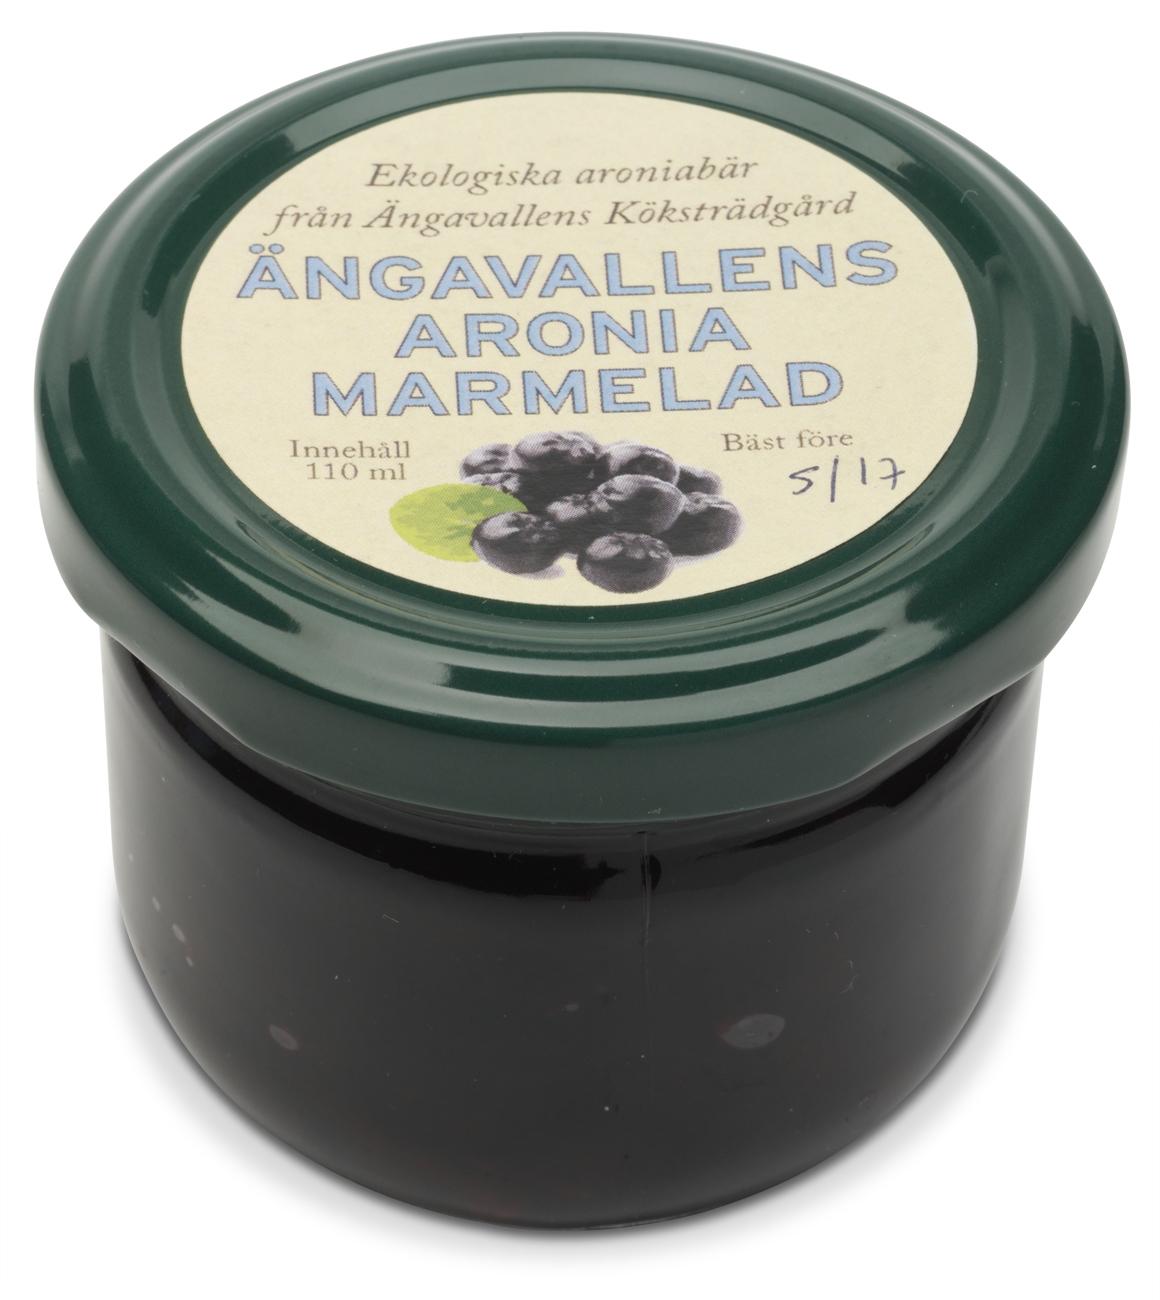 Ängavallens Aronia marmelad